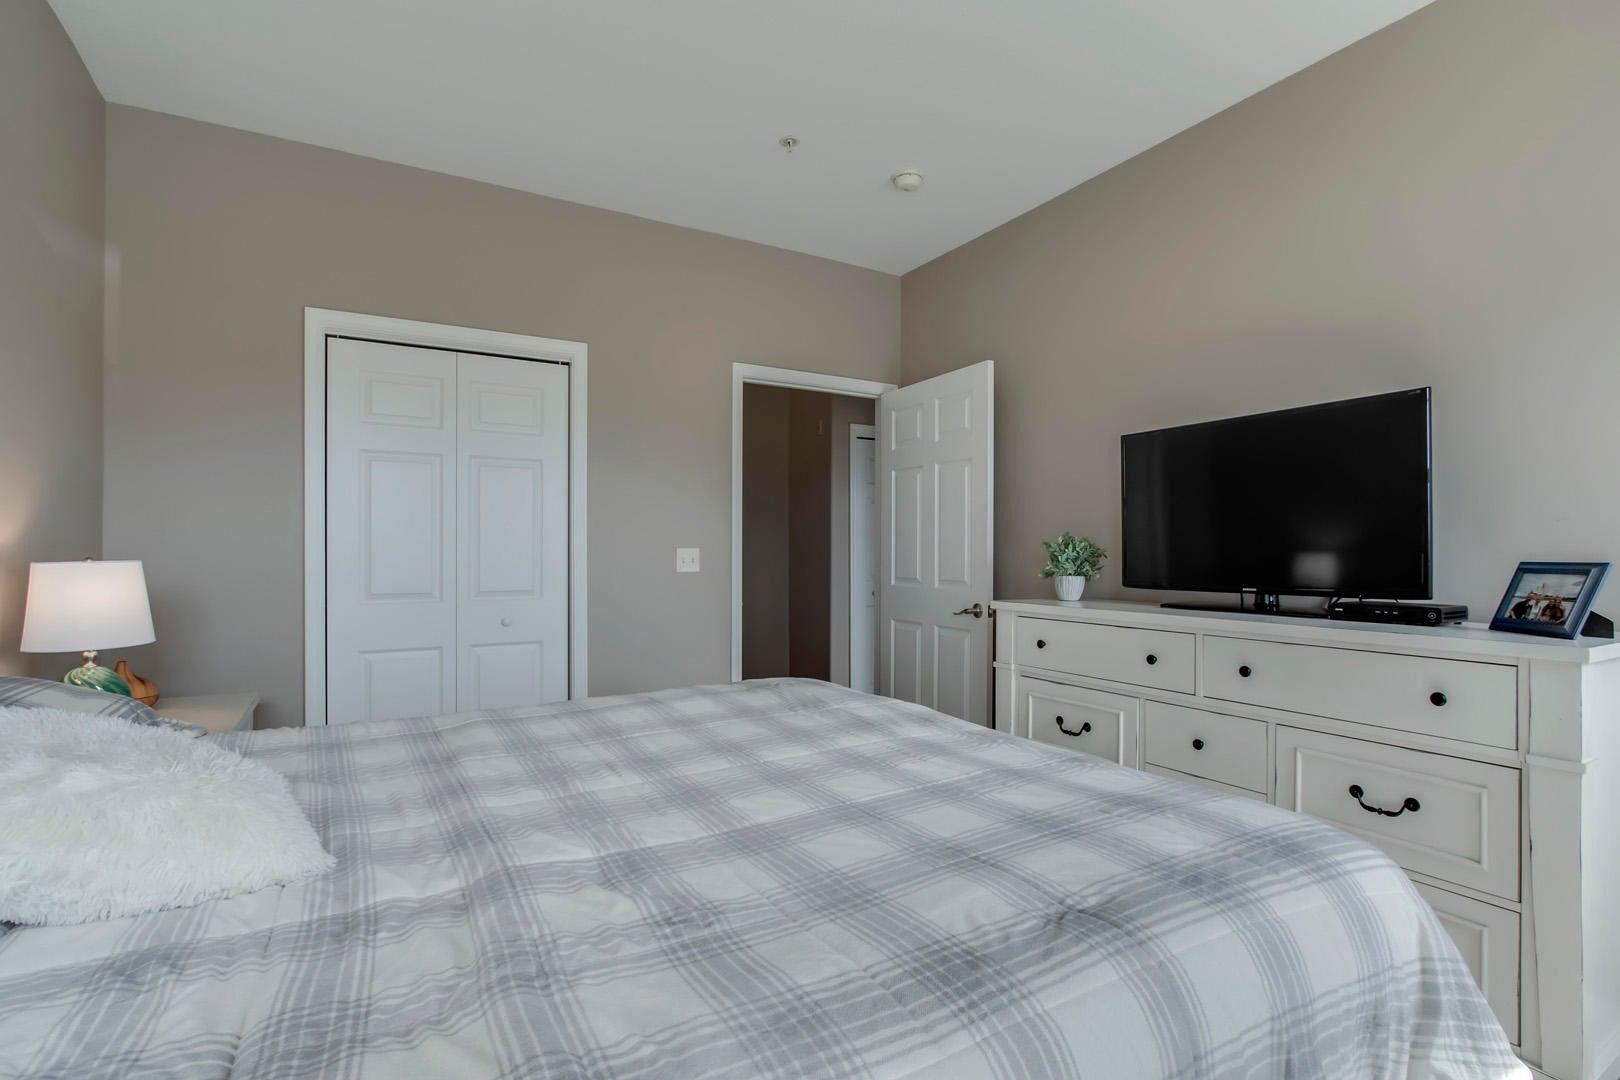 25_RarityBayParkway_535_107_Bedroom3_02